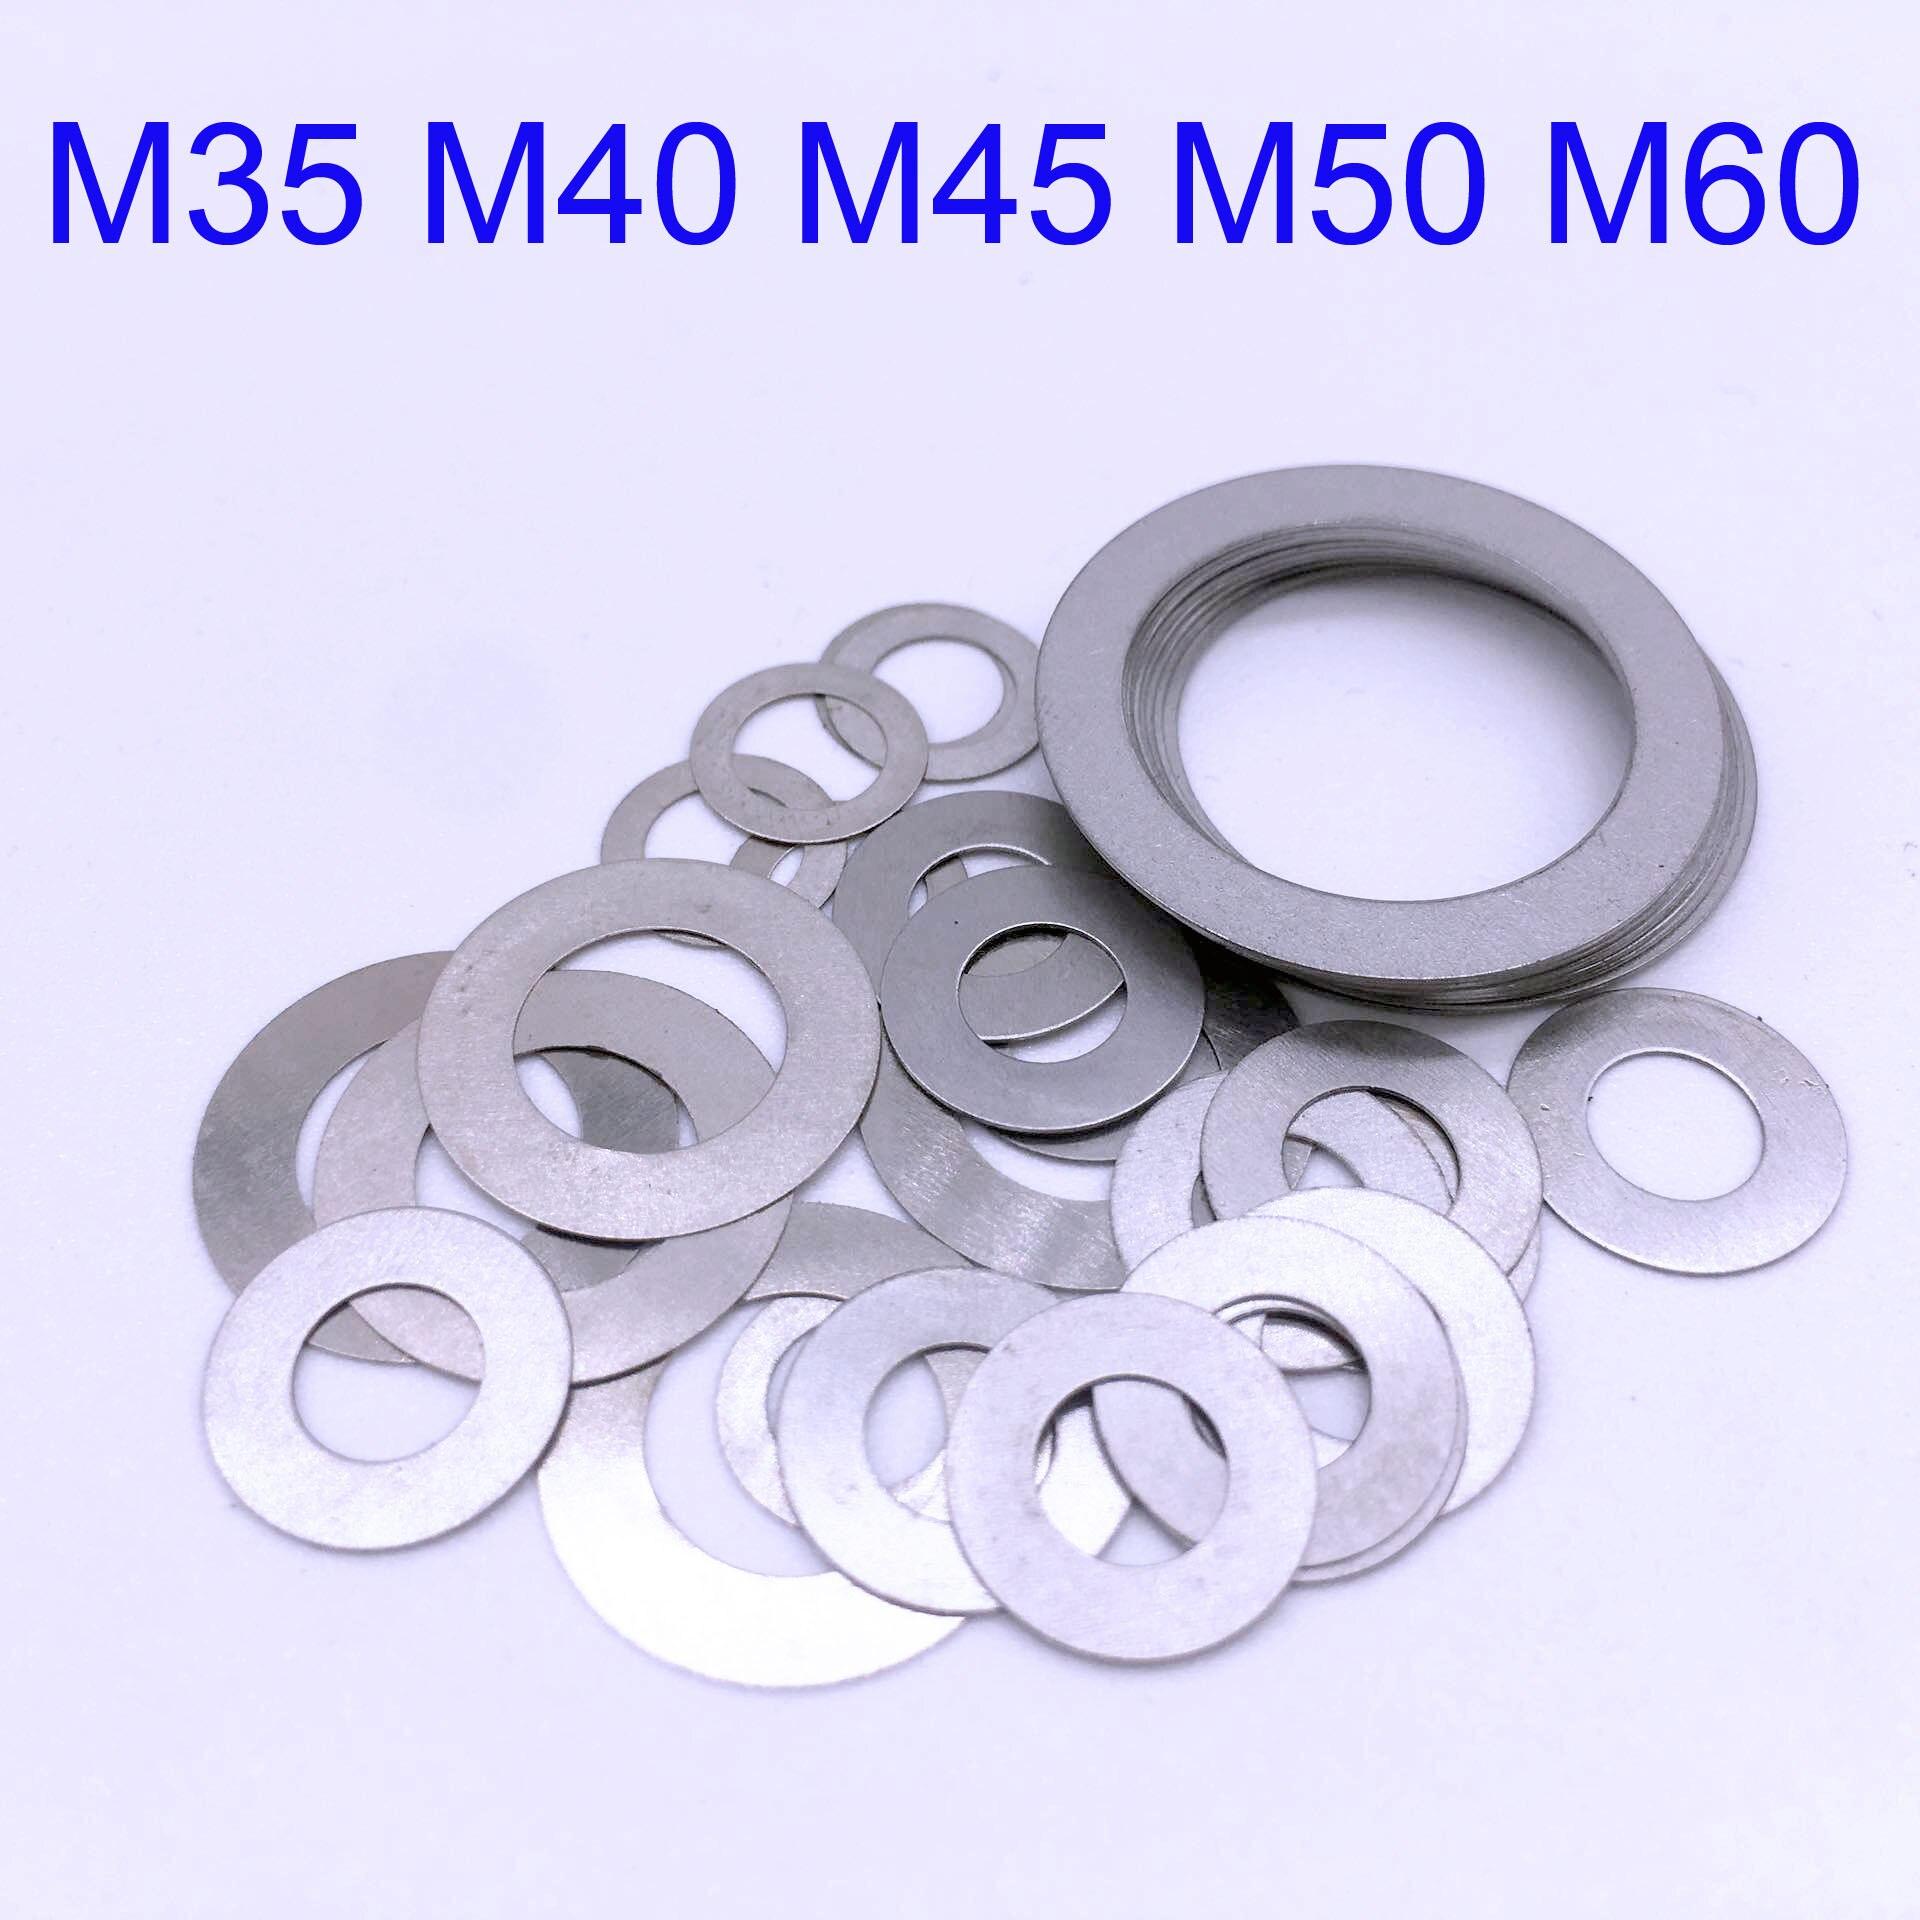 grado marino tama/ño A4 Arandelas de acero inoxidable M4 M5 M6 avellanadas con acabado de metal macizo